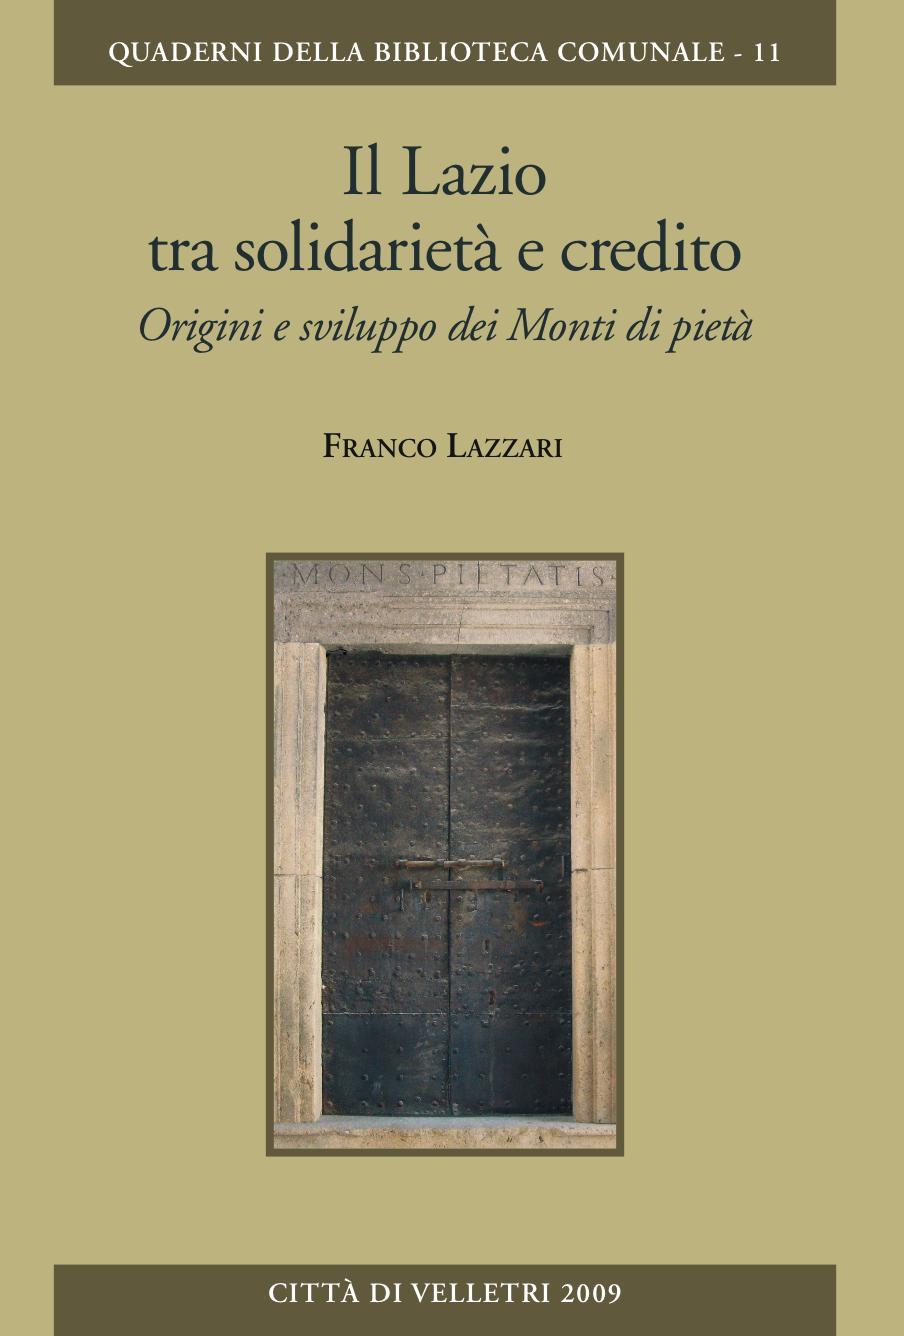 Il Lazio tra solidarietà e credito. Origini e svilippo dei monti di pietà